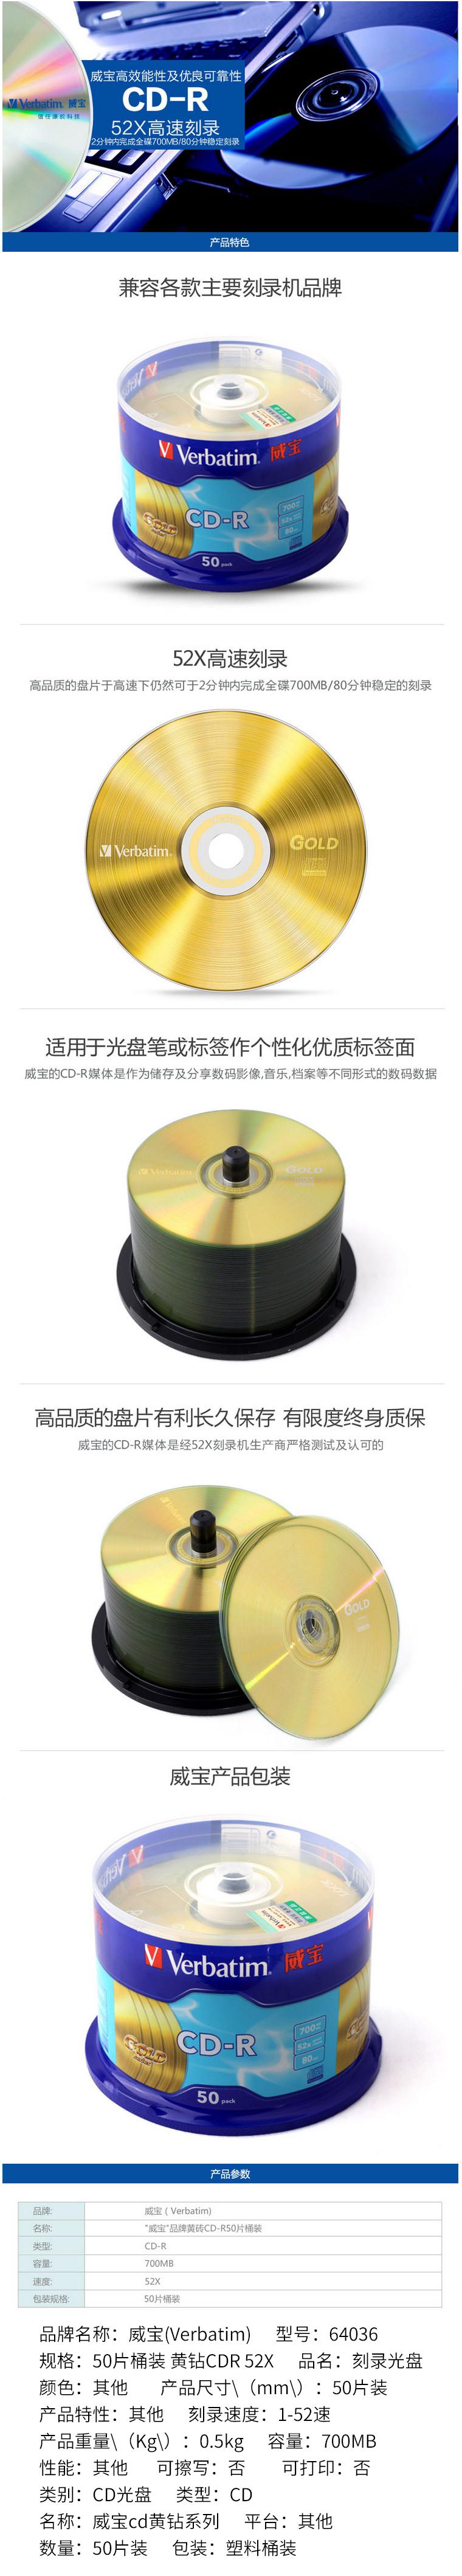 容量 cd r